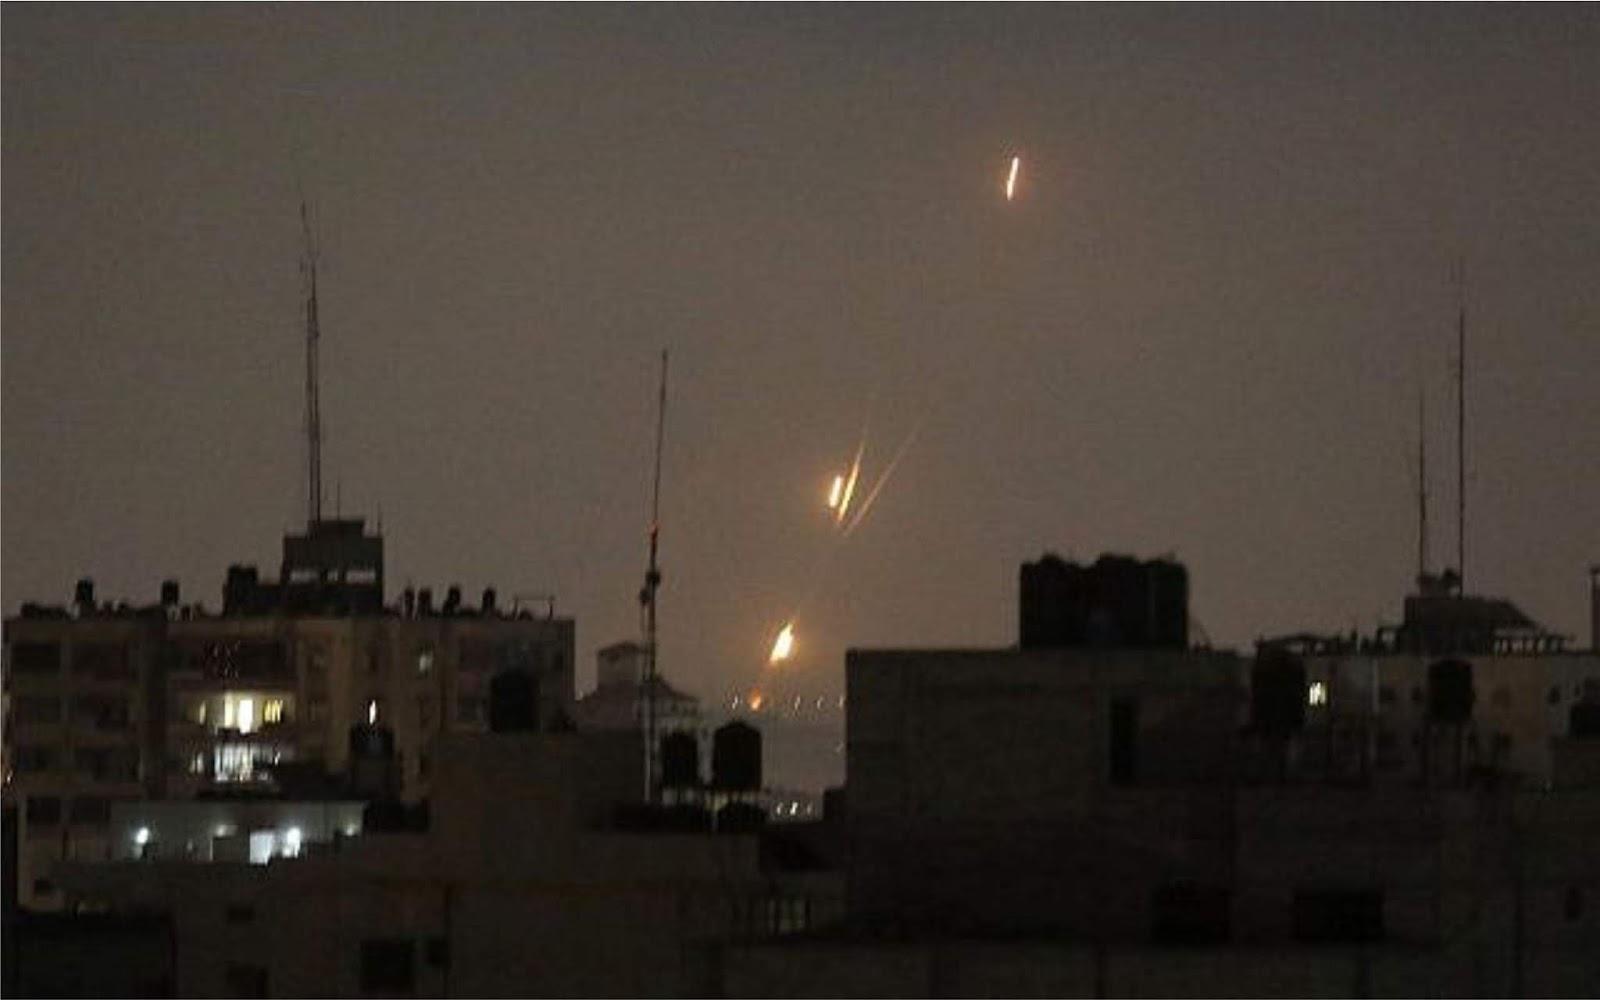 Roket dari Jalur Gaza sampai ke halaman sebuah Rumah penduduk Israel